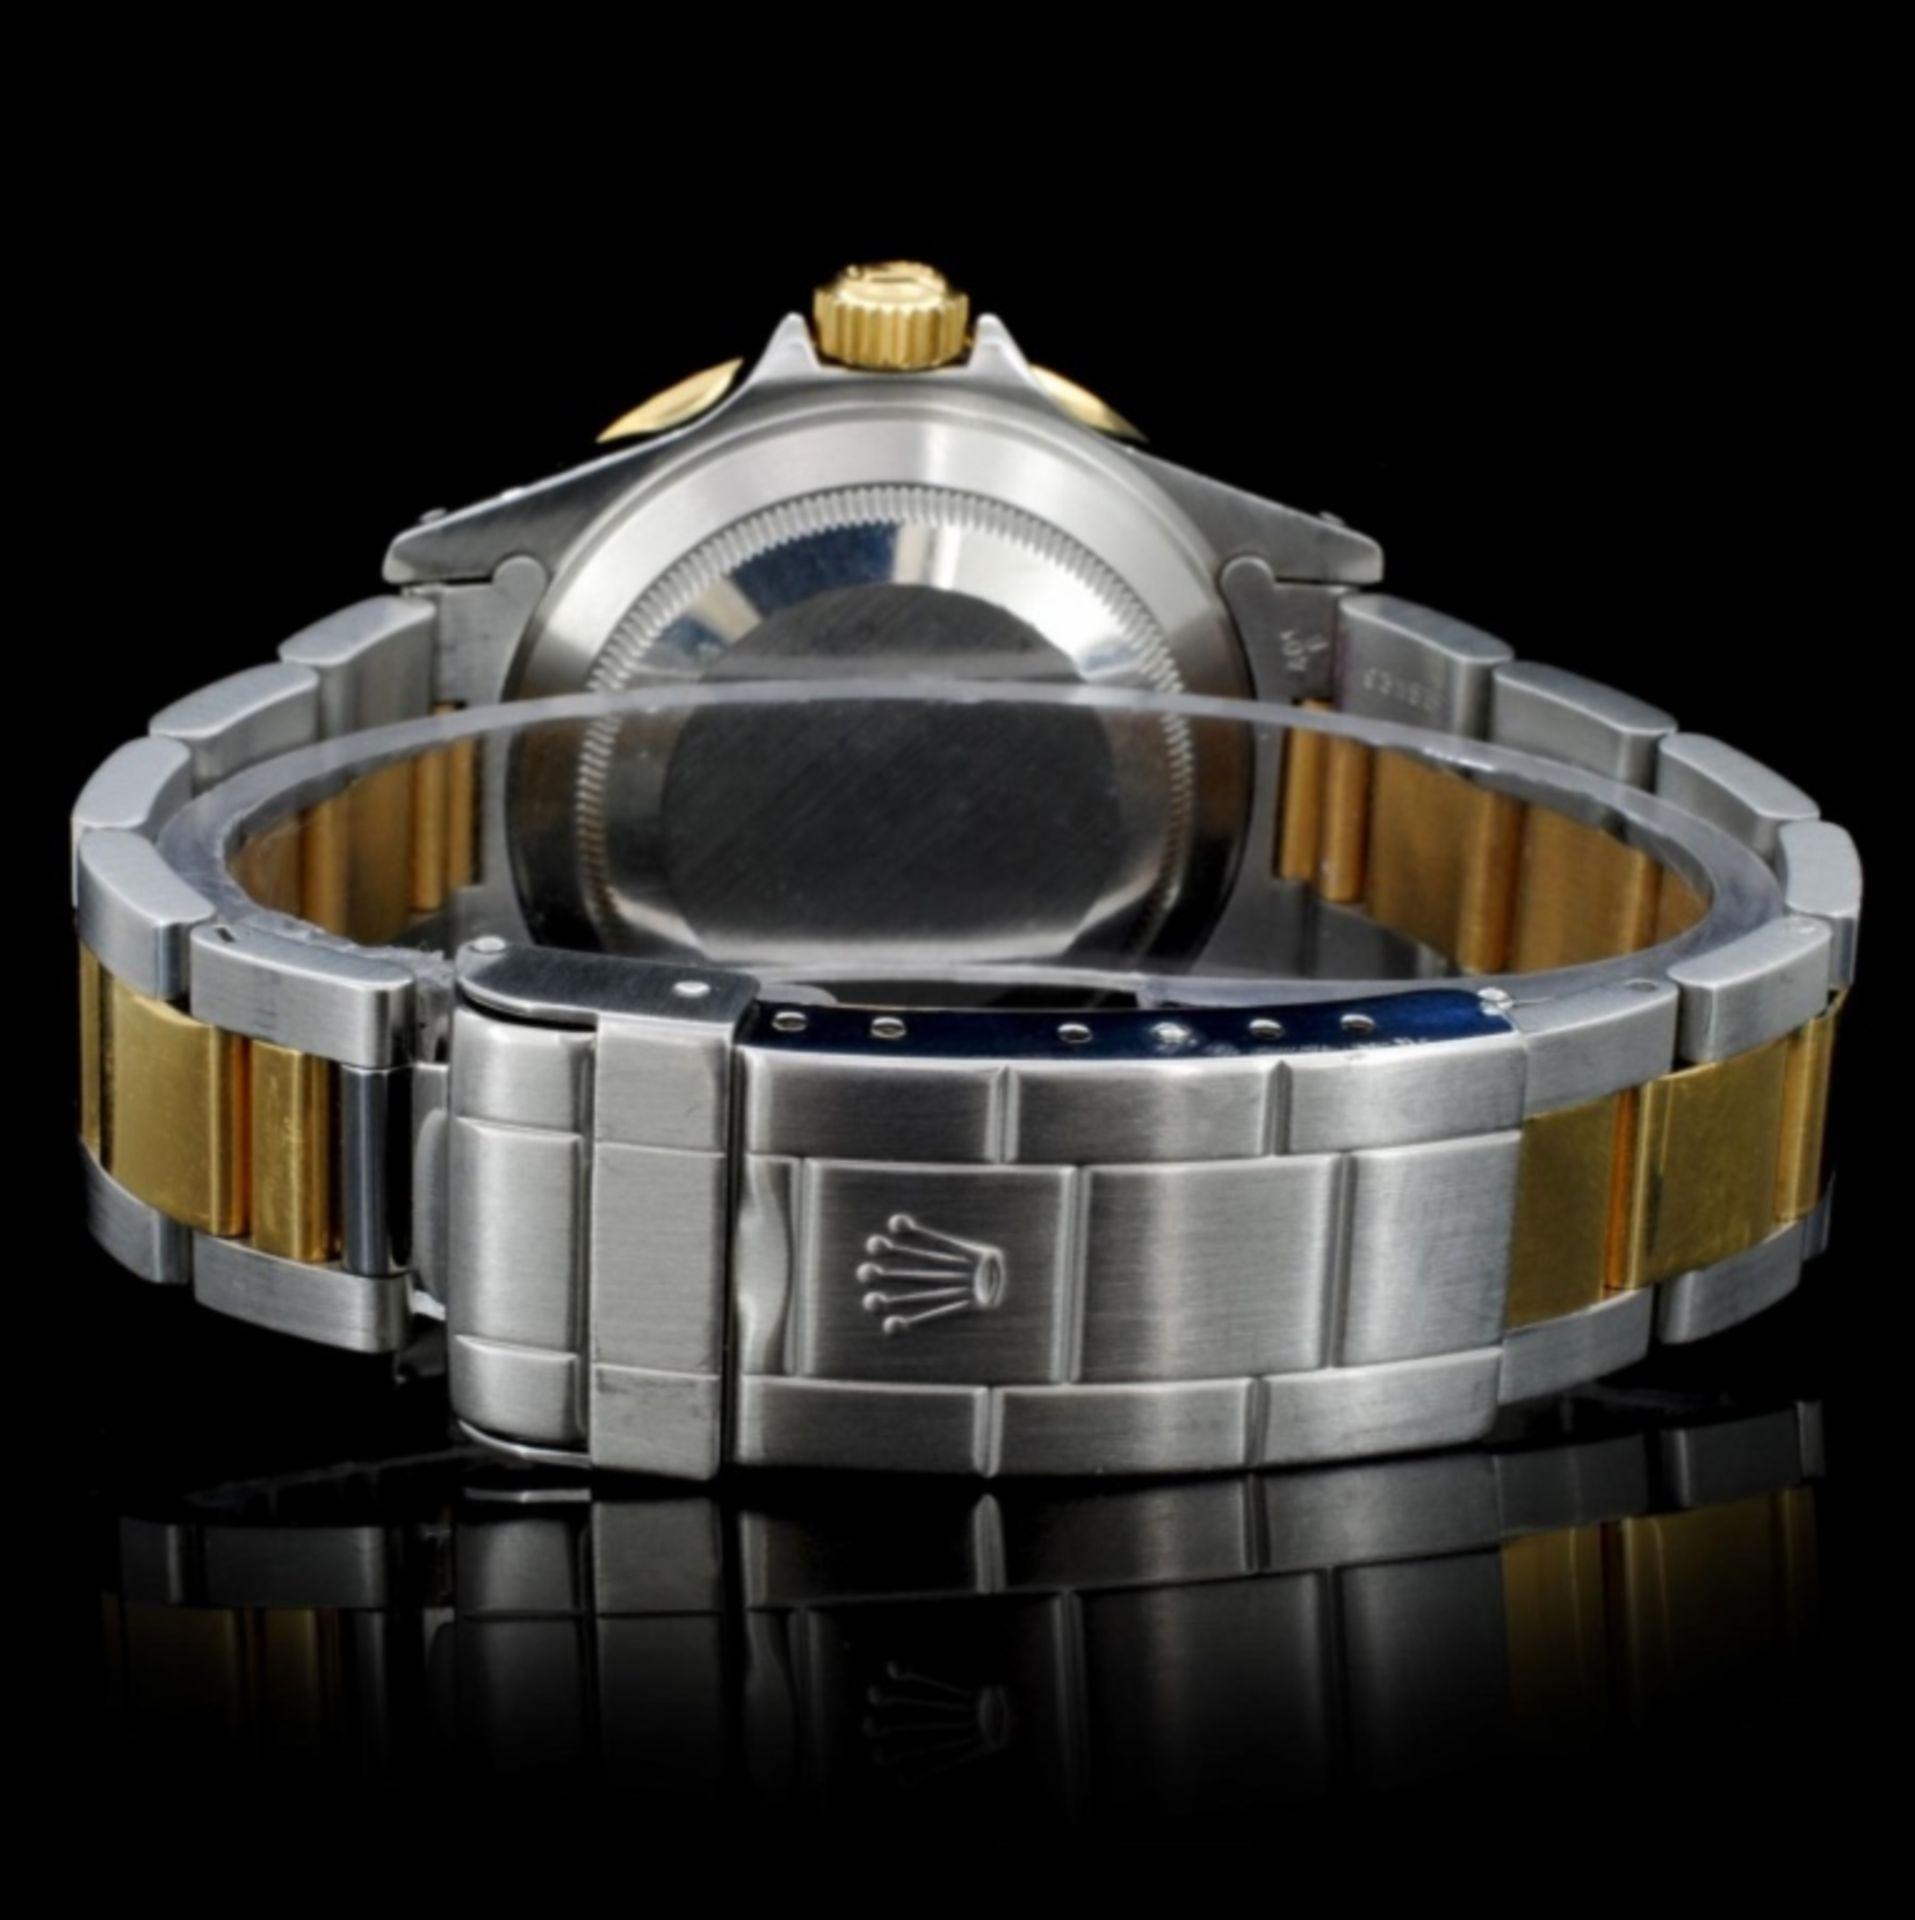 Rolex YG/SS Submariner Men's Wristwatch - Image 4 of 6